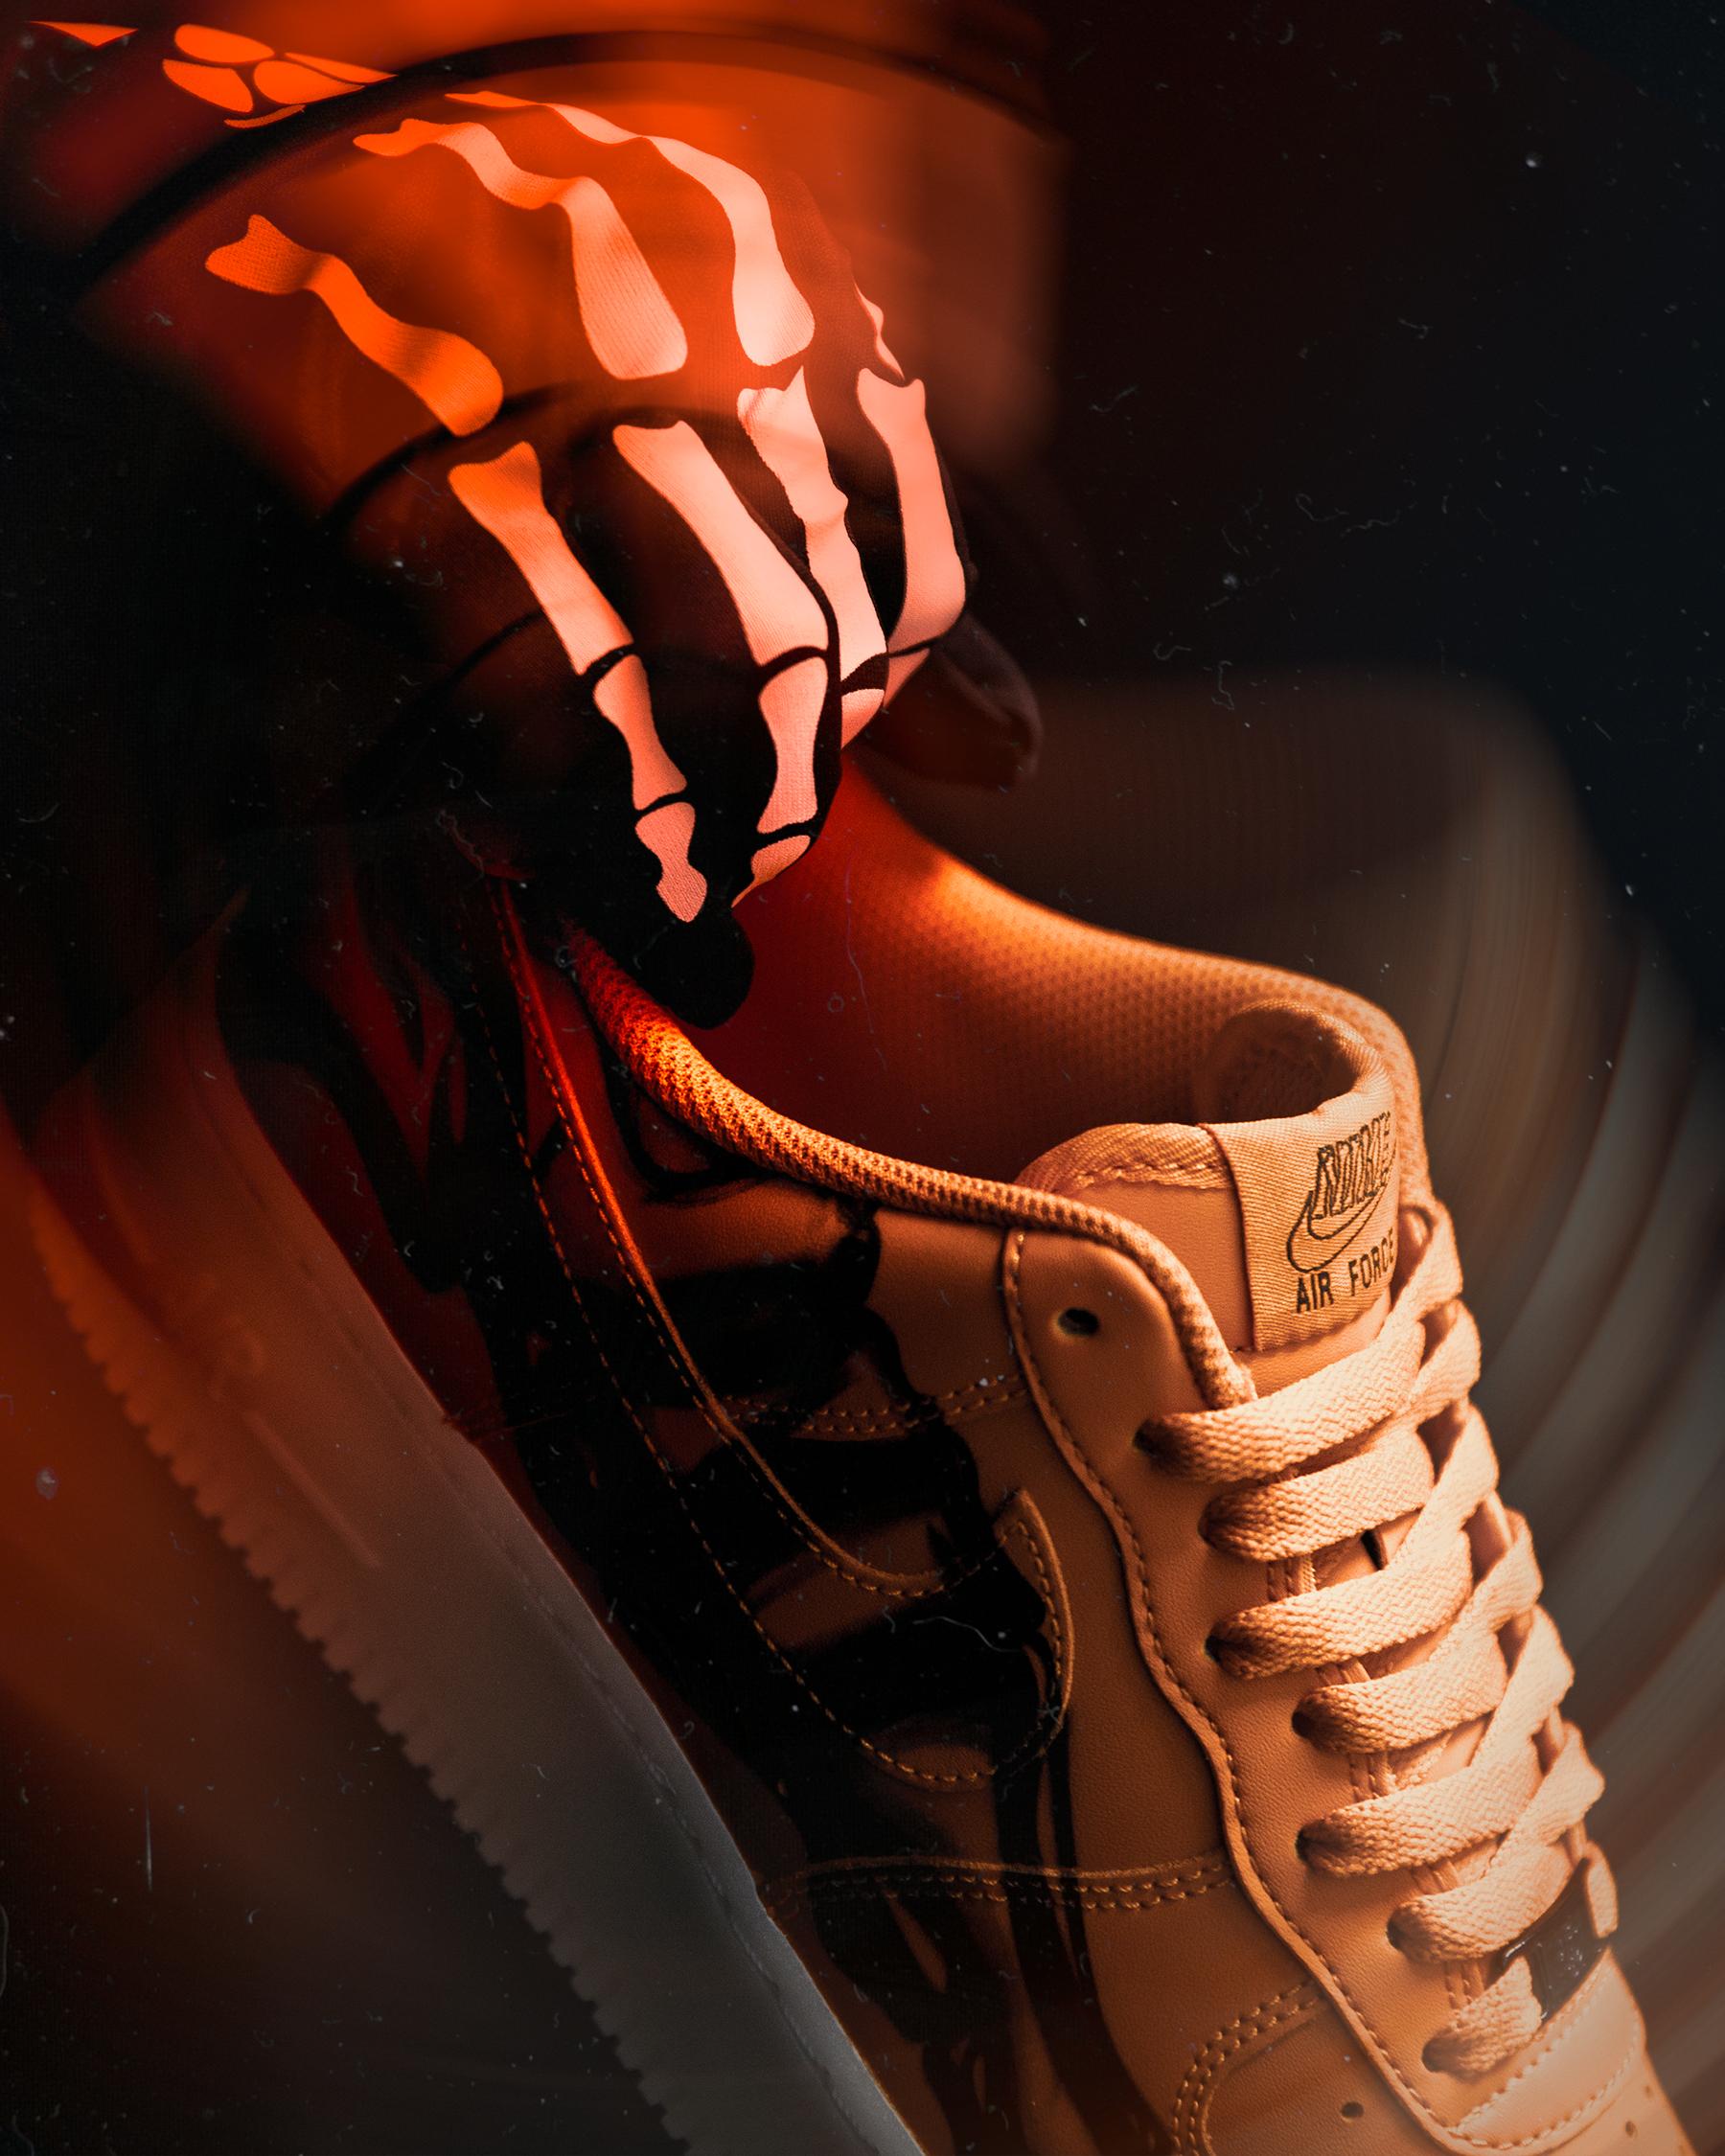 ナイキ エア フォース 1 オレンジ スケルトン ハロウィン 2020年 Nike Air Force 1 Orange Skeleton Halloween 2020 image